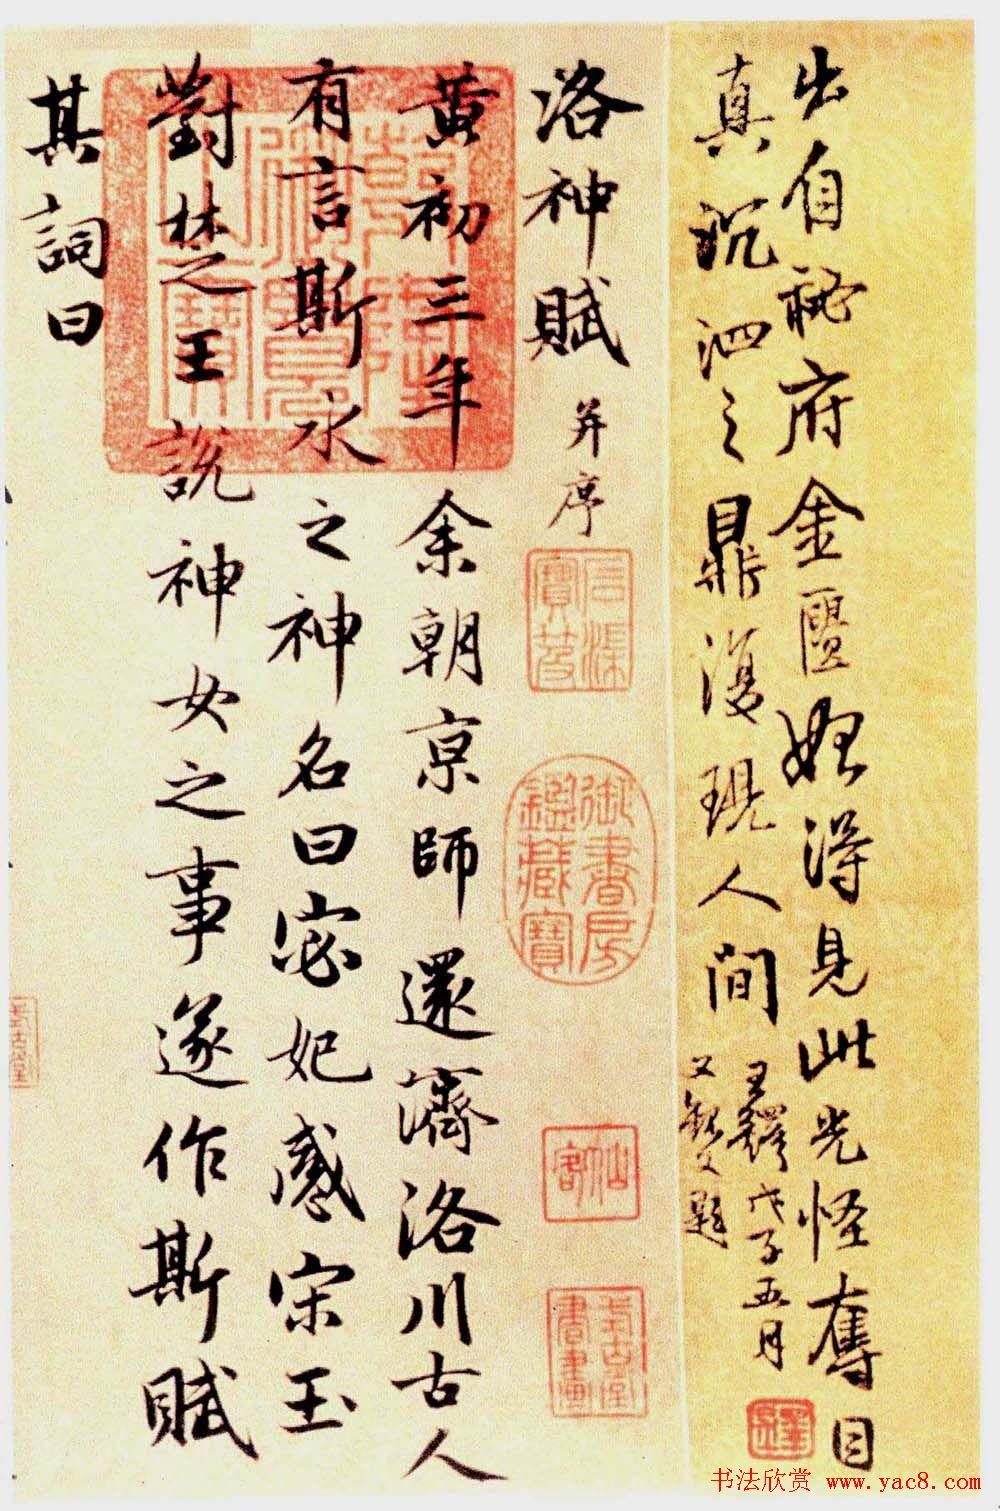 赵孟頫书法长卷《洛神赋》大图